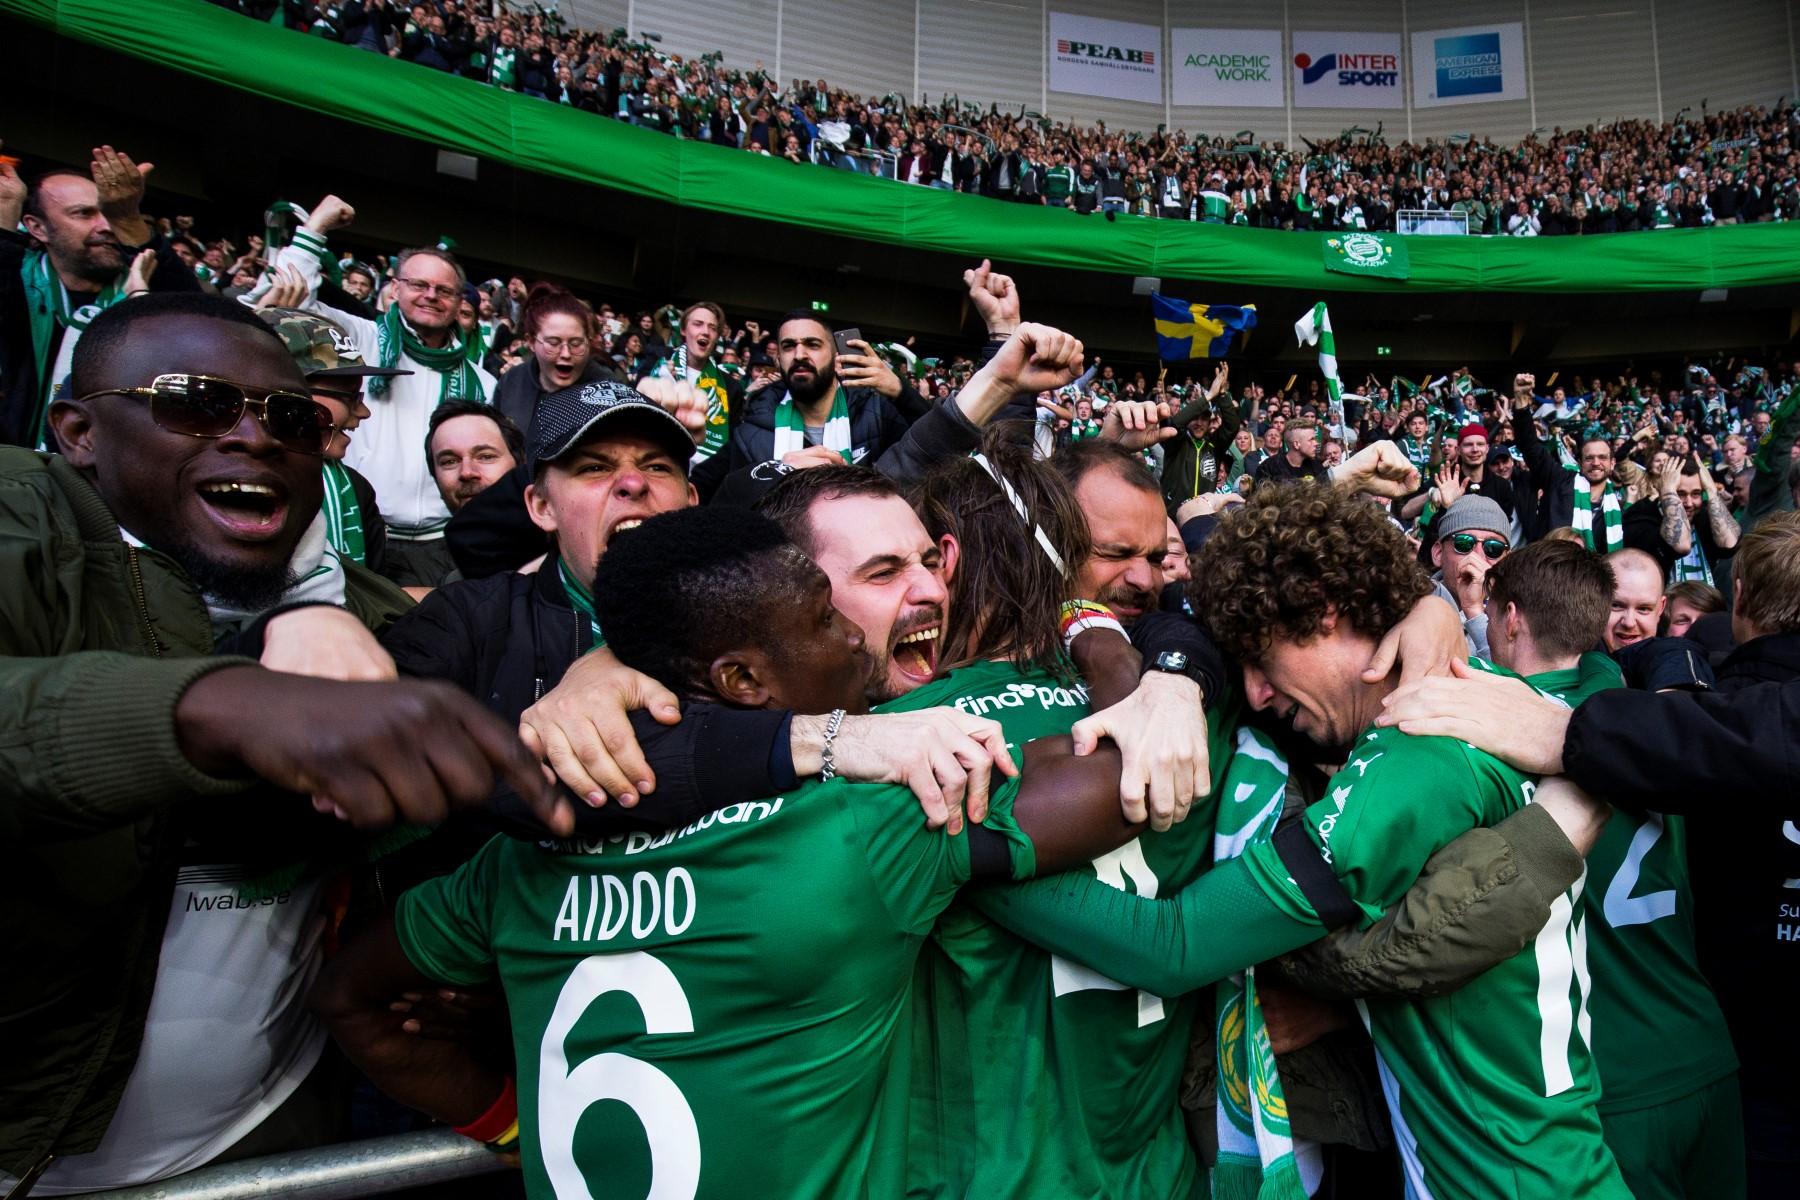 Fotboll, Allsvenskan, Hammarby - Kalmar